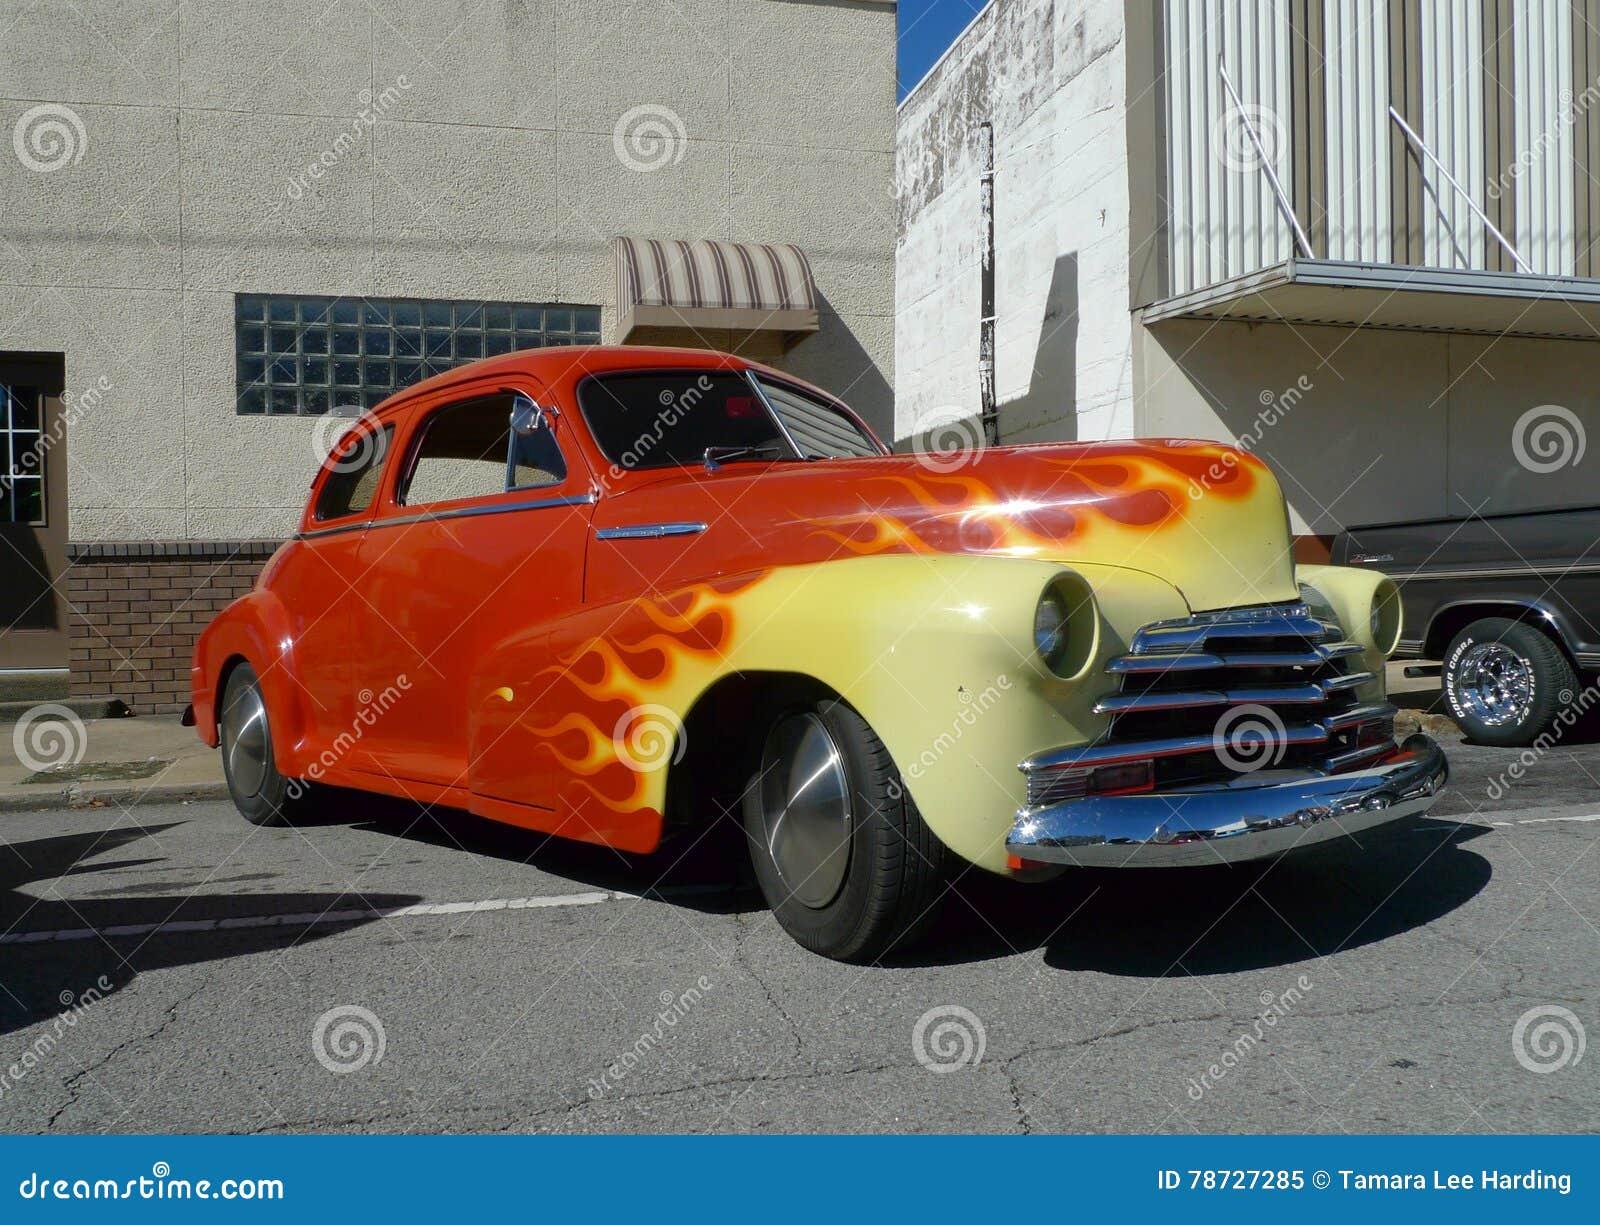 Chevy Fleetmaster, röda och gula flammor, bilshow